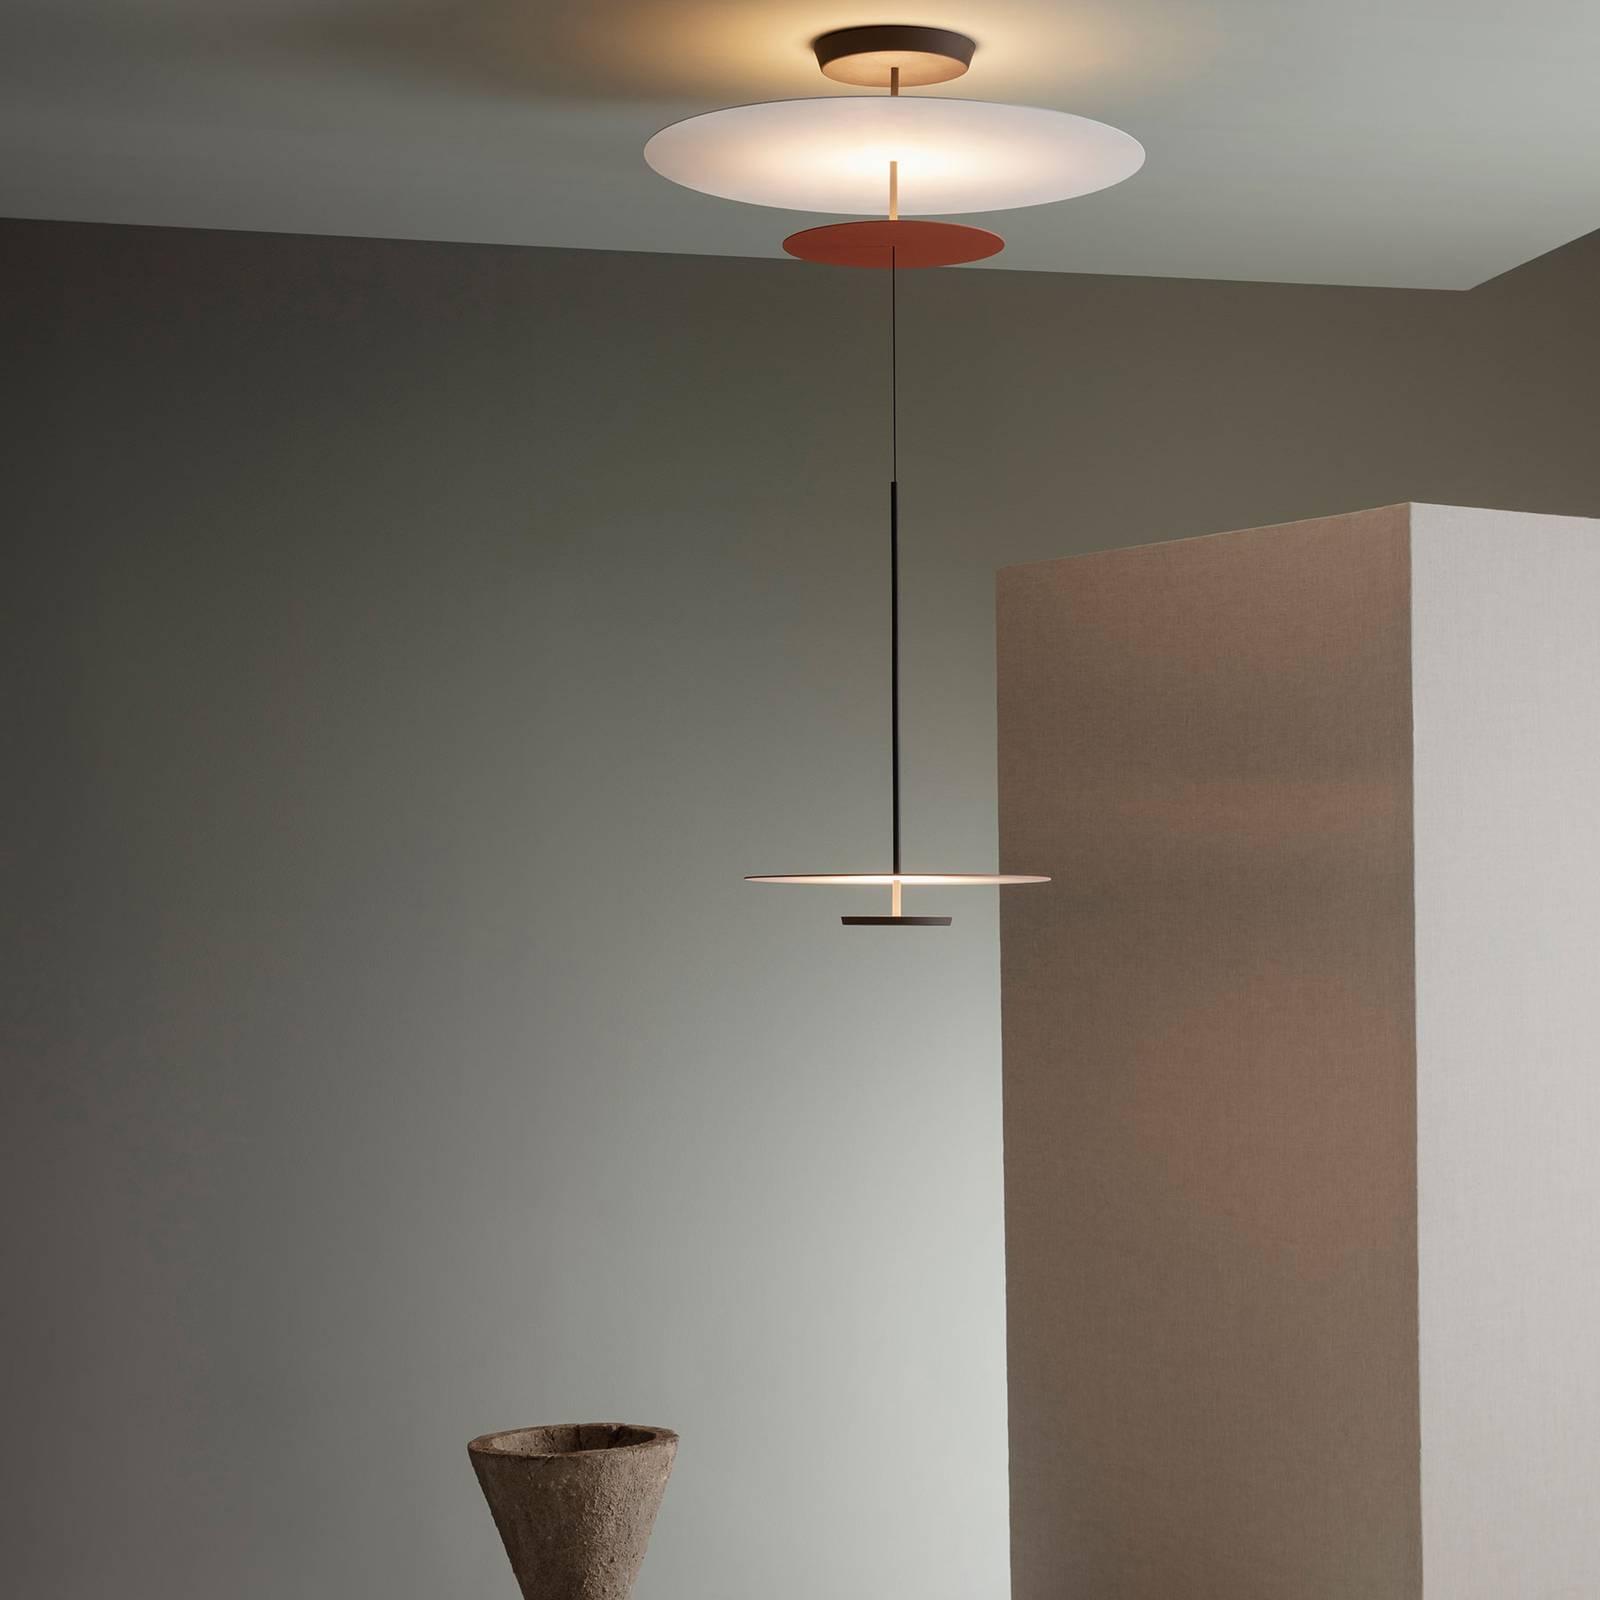 Vibia Flat suspension LED 3 l. Ø 90cm terracotta